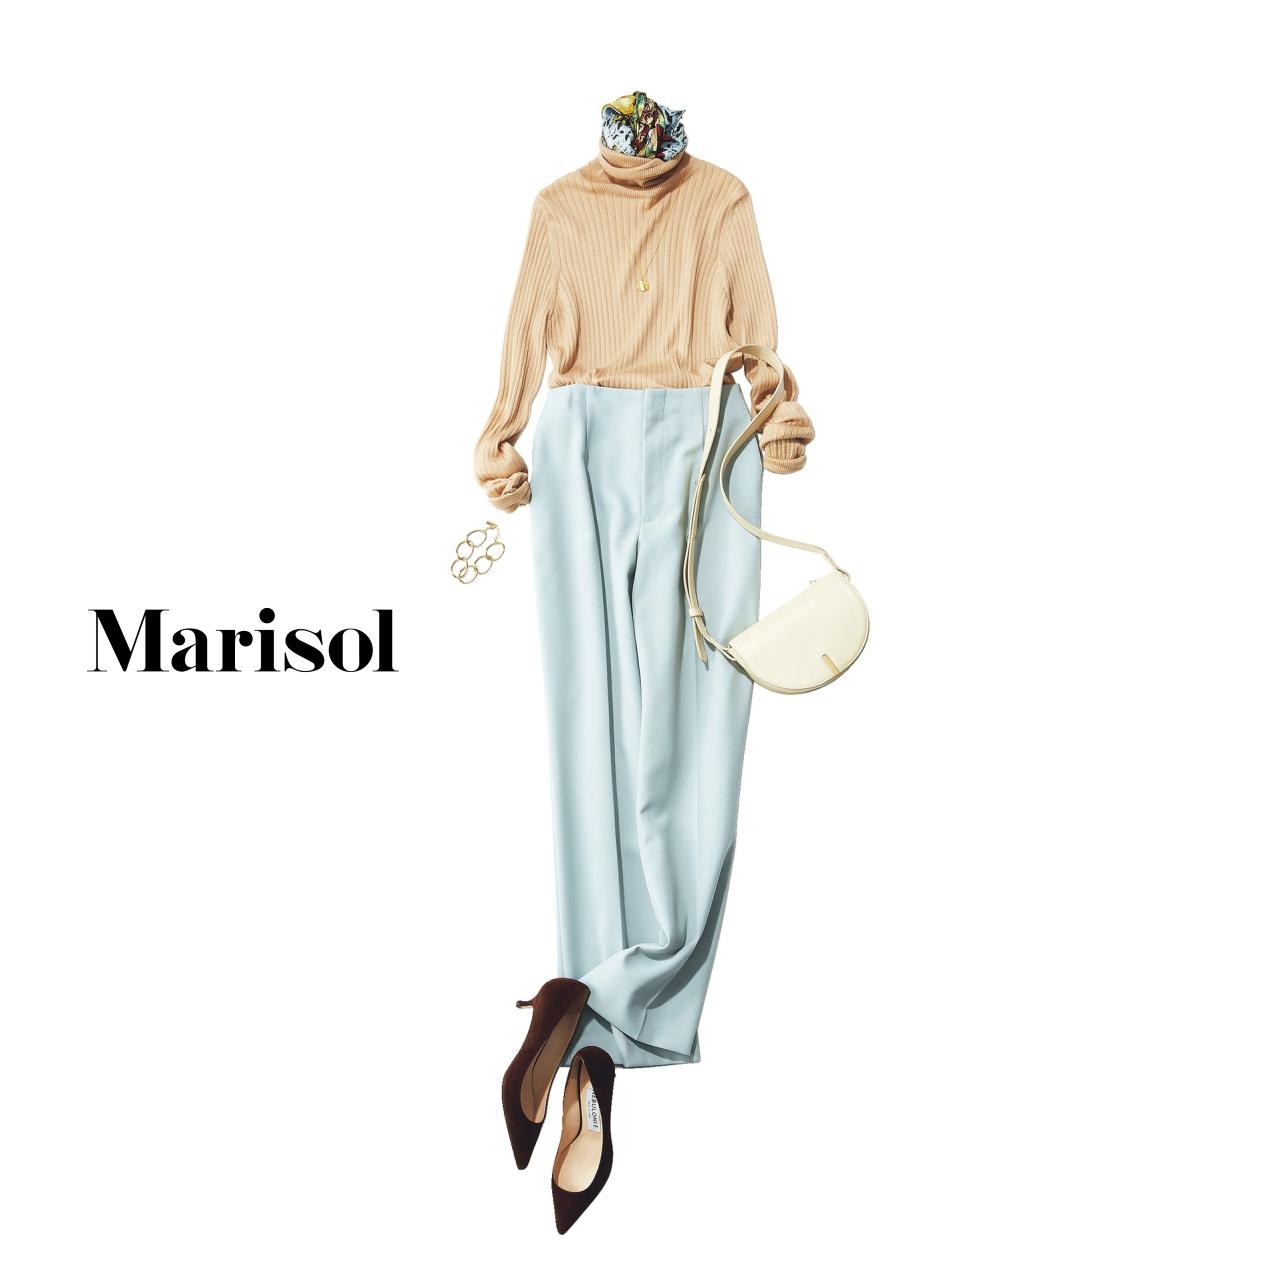 40代ファッション ベージュタートルネックニット×ペールブルーパンツコーデ